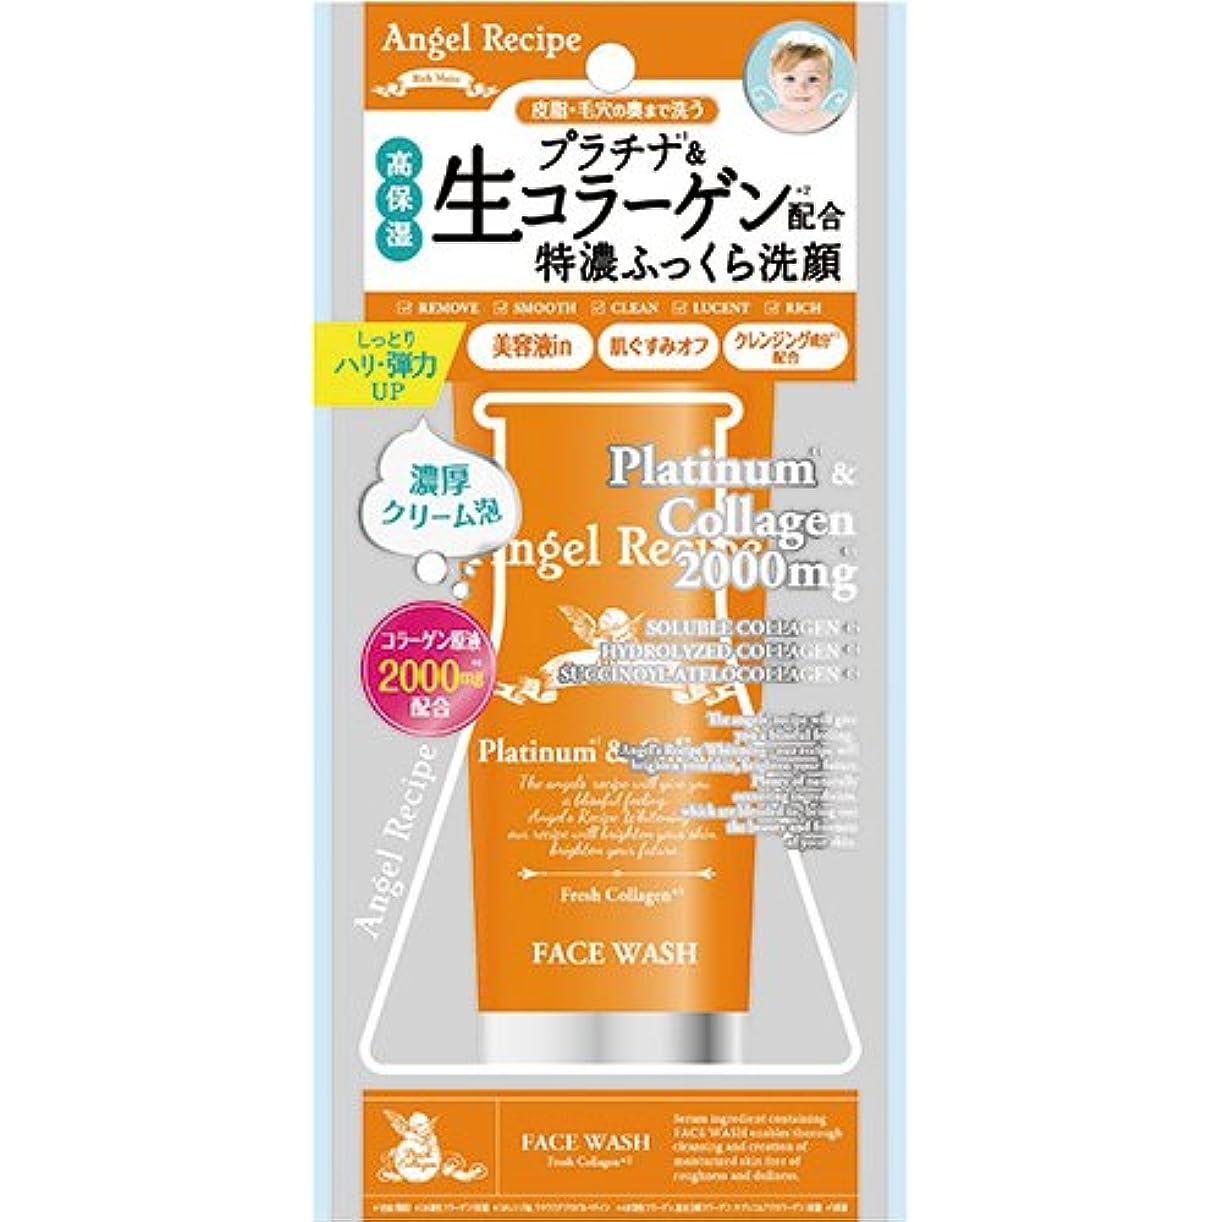 カナダ体日没AngelRecipe エンジェルレシピ リッチモイスト 洗顔フォーム 90g